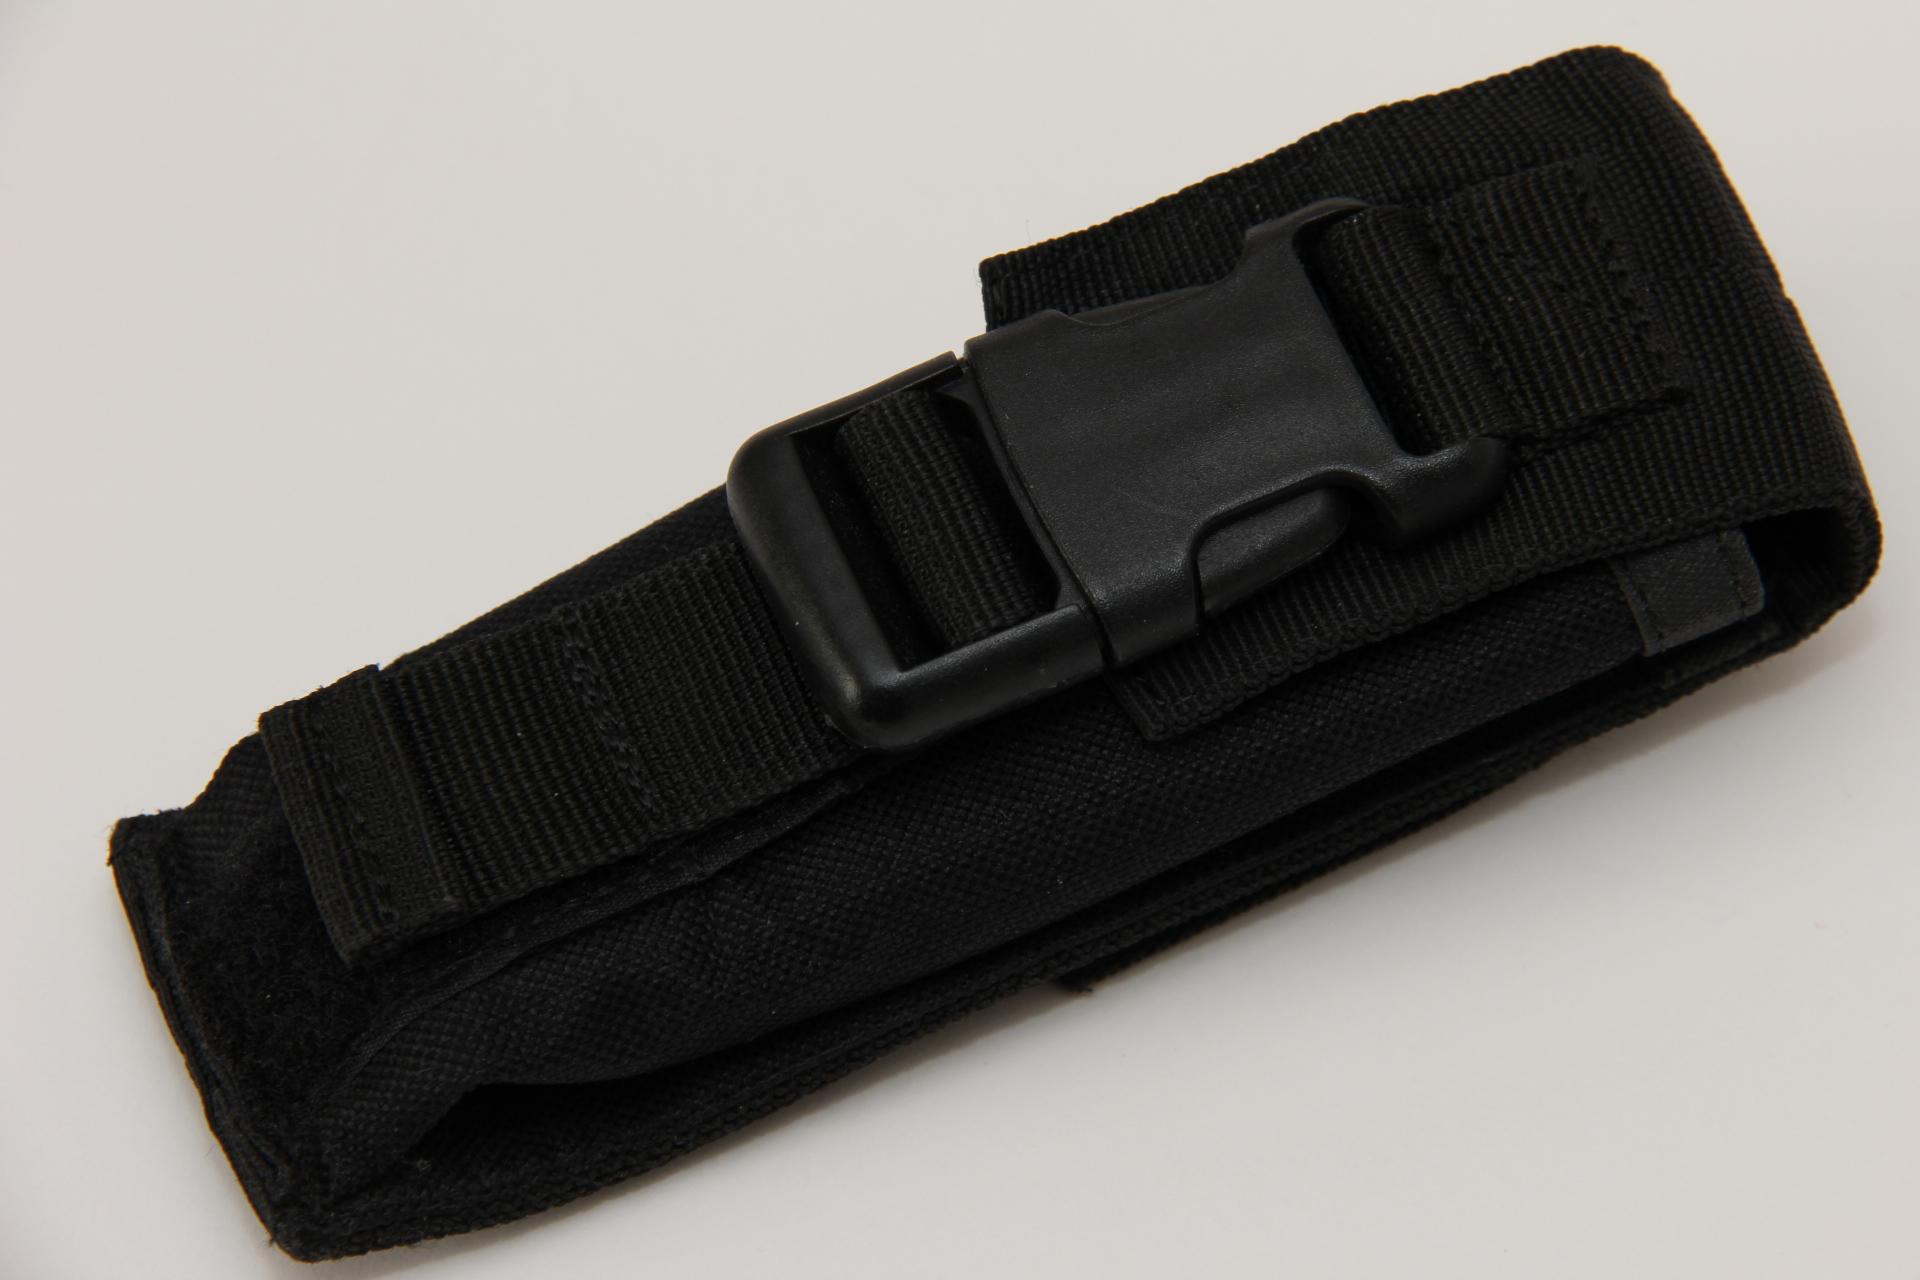 Нож Microtech MCT1531T DOC черный - фотография